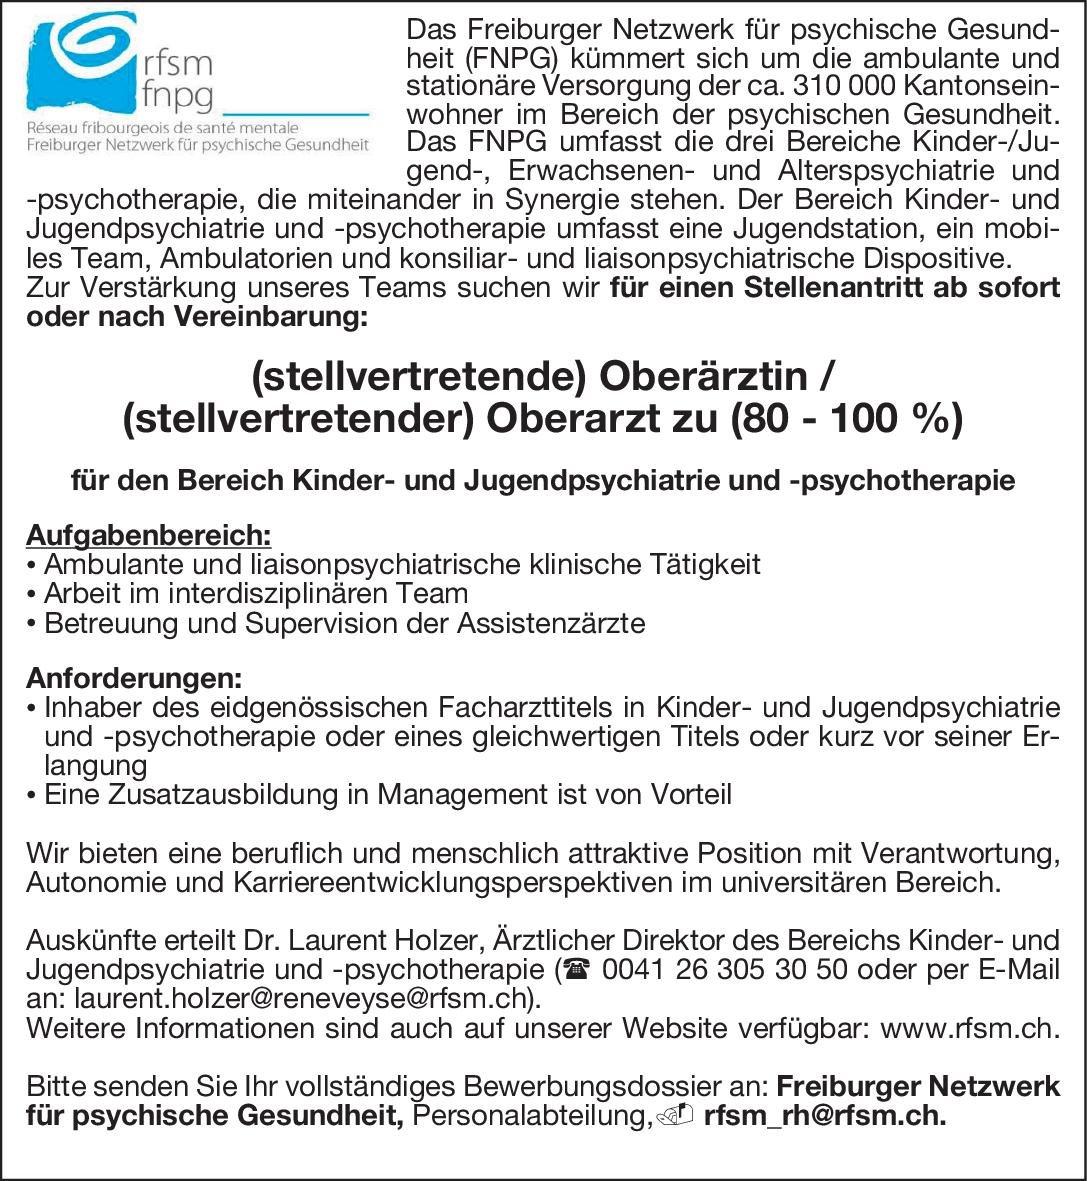 Freiburger Netzwerk für psychische Gesund-heit (FNPG) (stellvertretende) Oberärztin / (stellvertretender) Oberarzt zu 80–100 % Kinder- und Jugendpsychiatrie und -psychotherapie Oberarzt